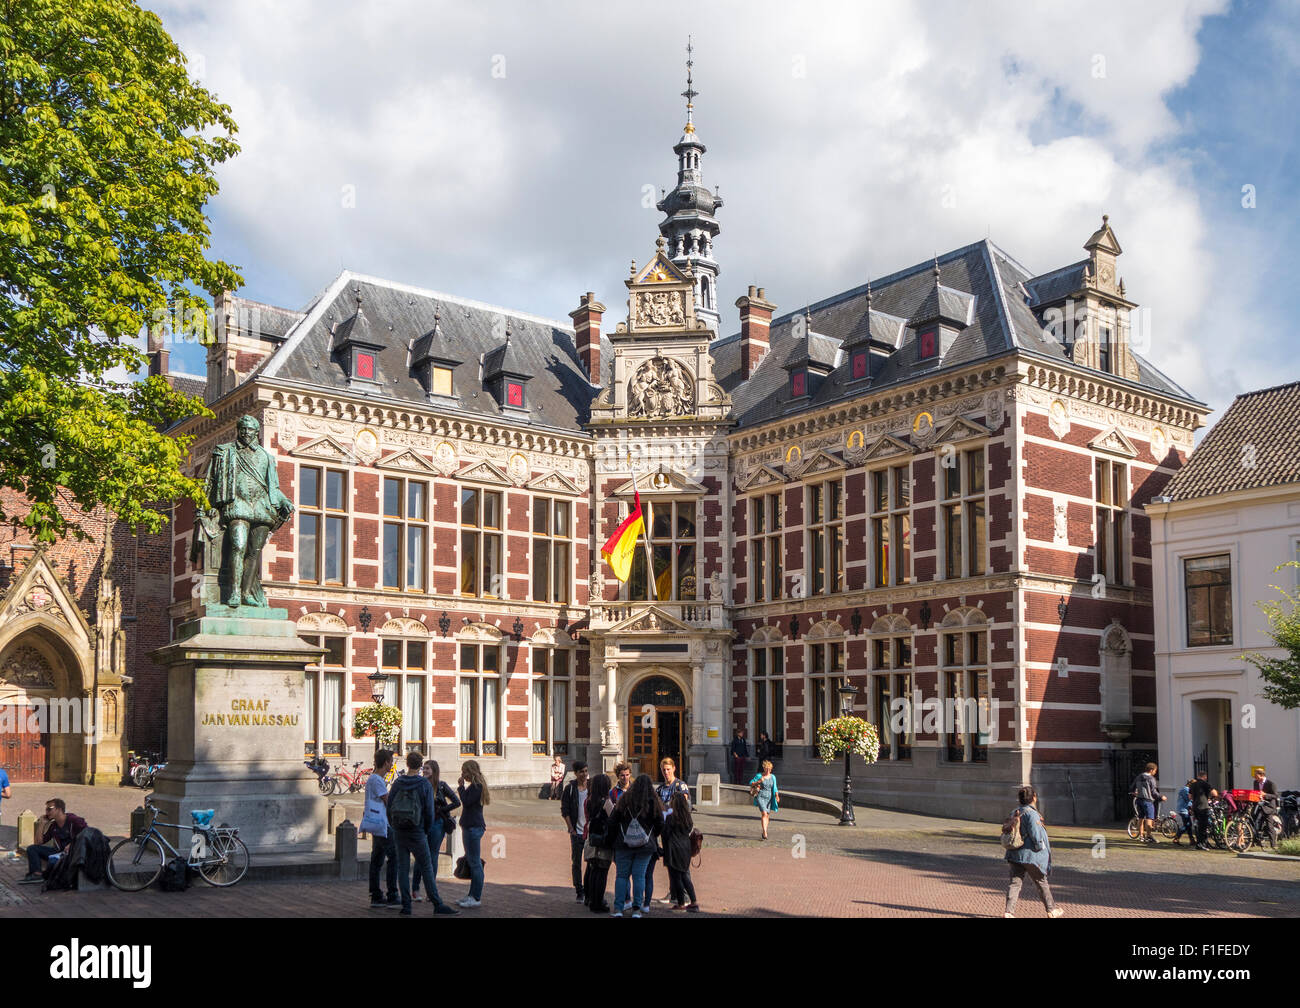 La Universidad de Utrecht en Utrecht, Holanda, con estudiantes. Academiegebouw Domplein, o Plaza Dom, oficial del Imagen De Stock